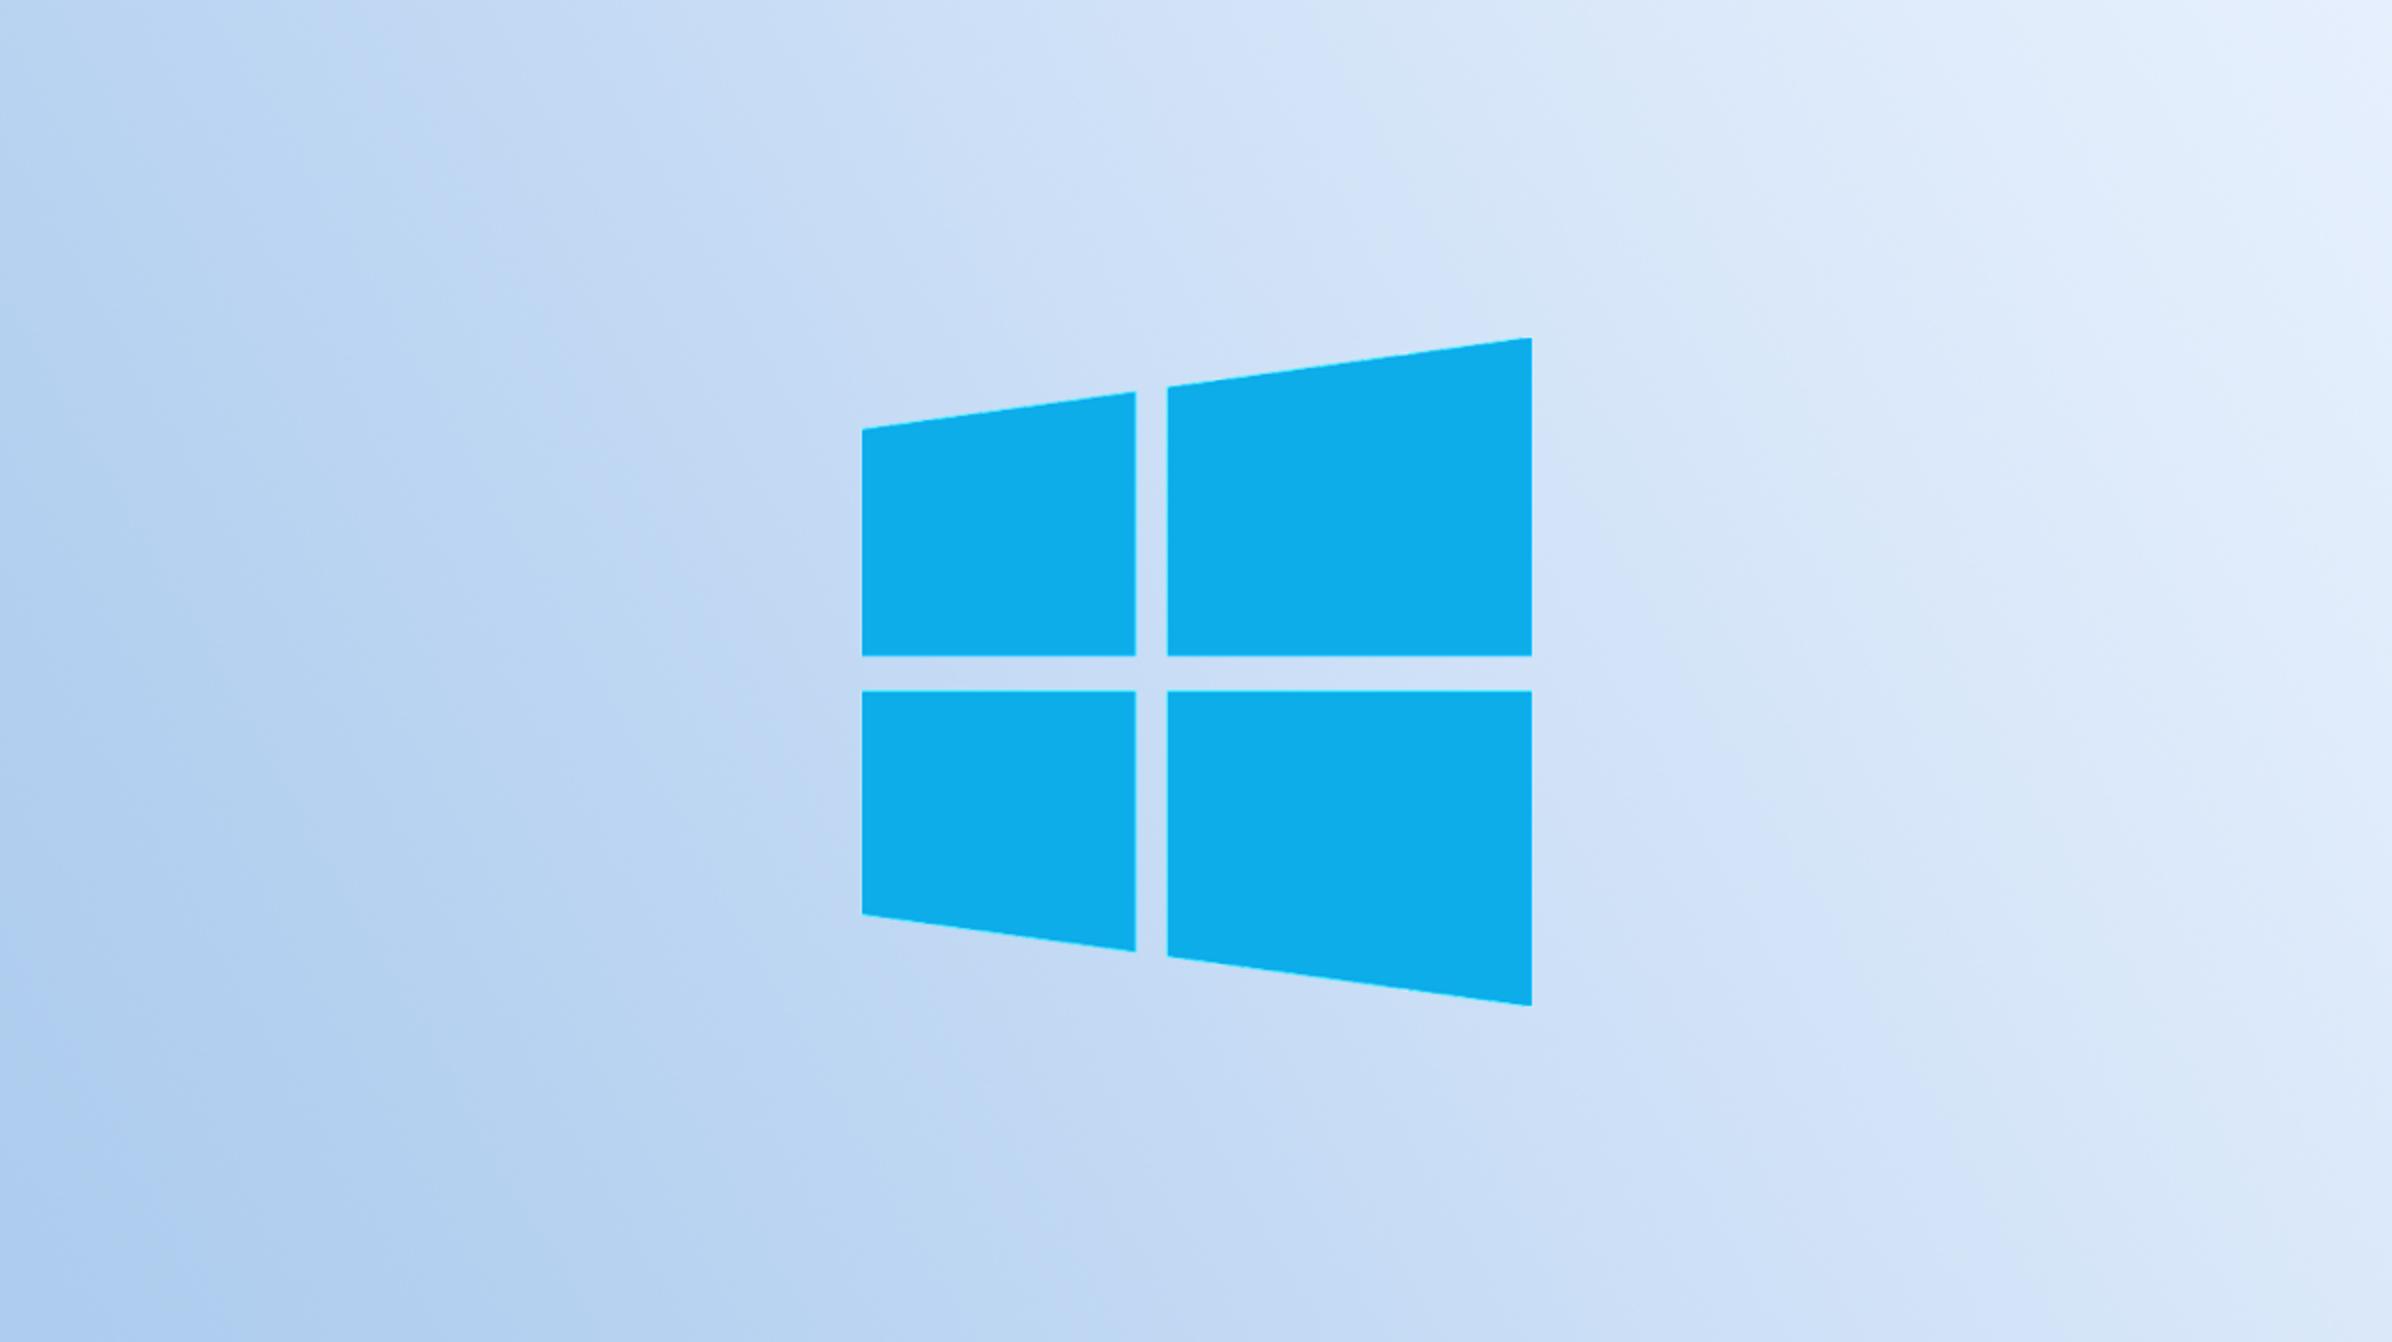 Cómo acceder al menú de usuario avanzado oculto de Windows 10